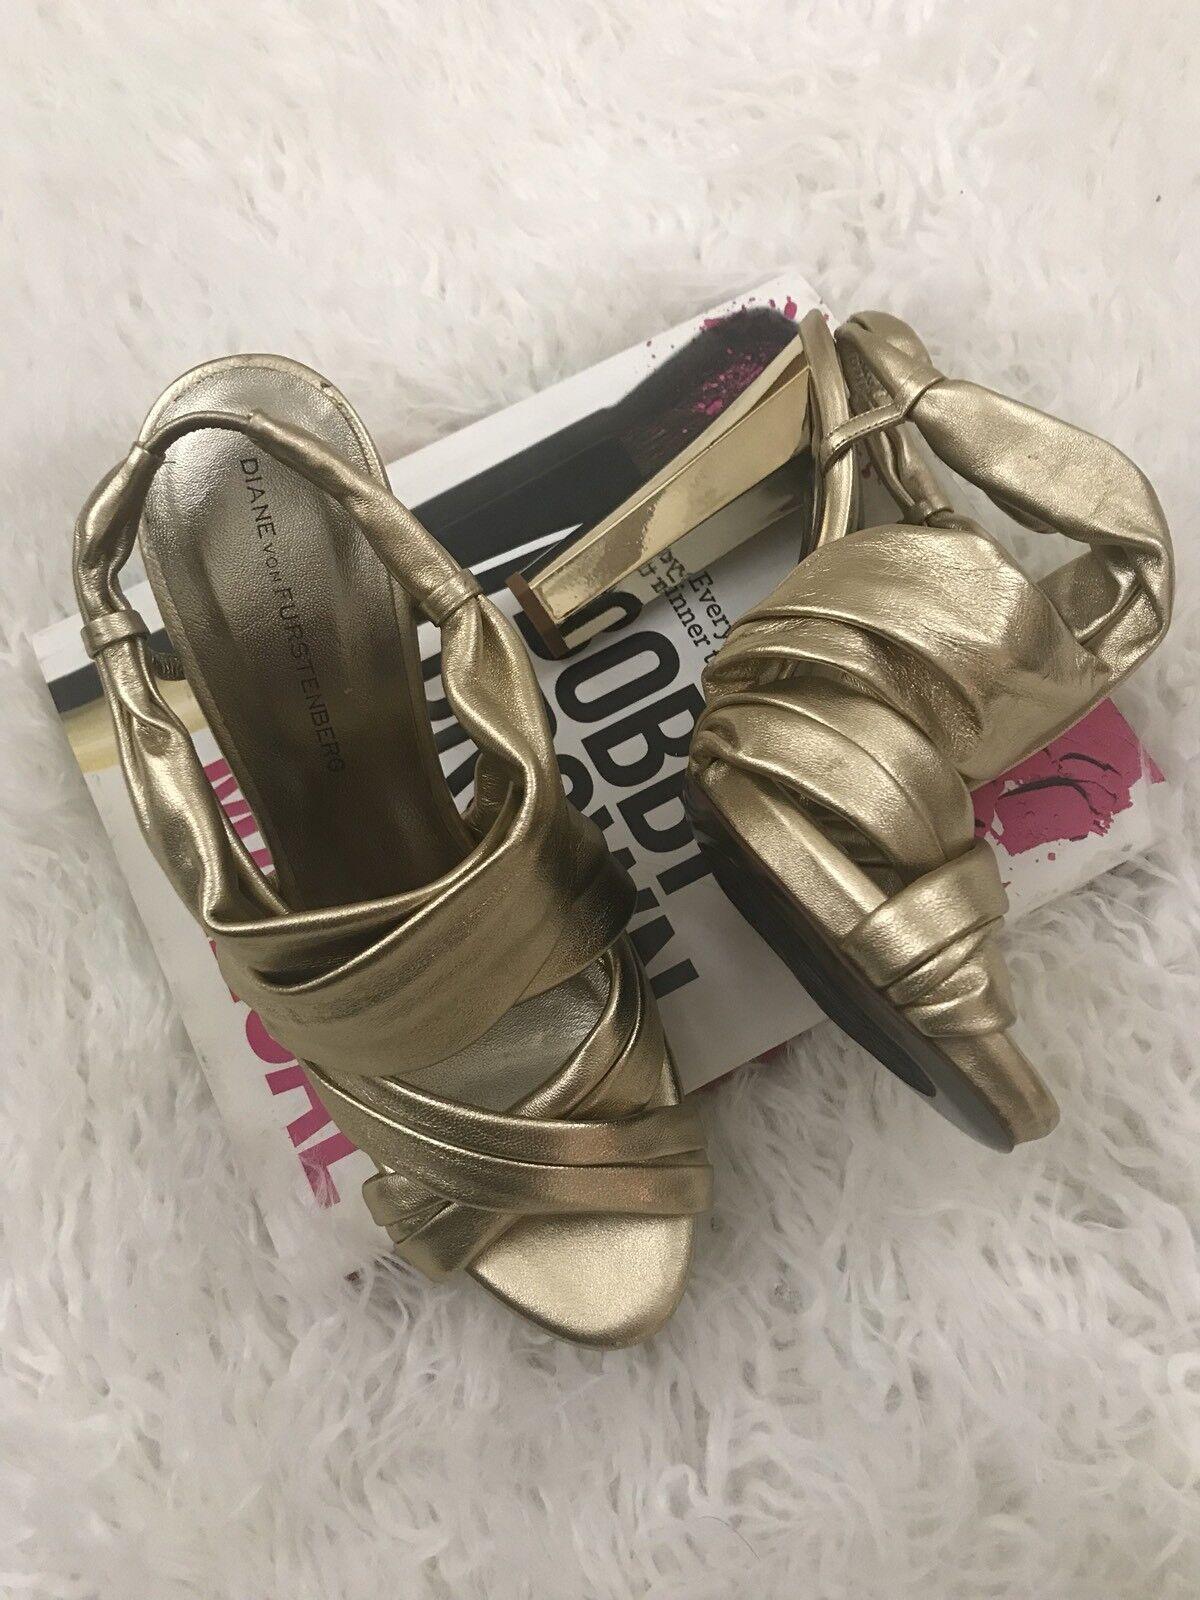 Diane von Furstenberg gold Very Soft Leather High Sandals Size 8